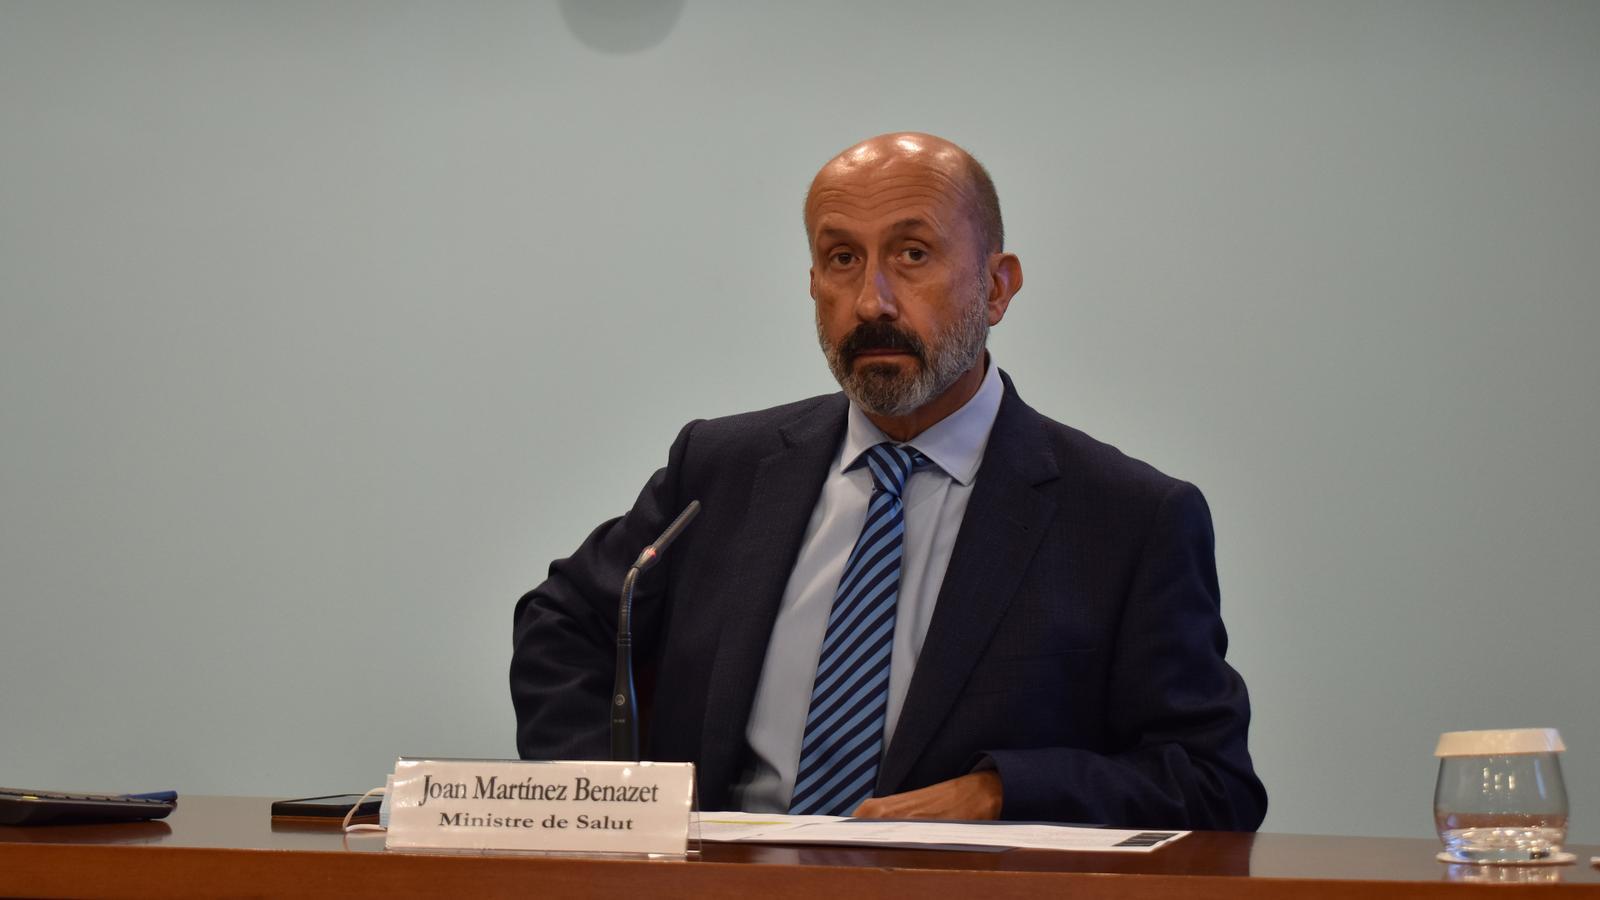 El ministre de Salut, Joan Martínez Benazet, aquest dimecres durant la roda de premsa posterior al Consell de Ministres